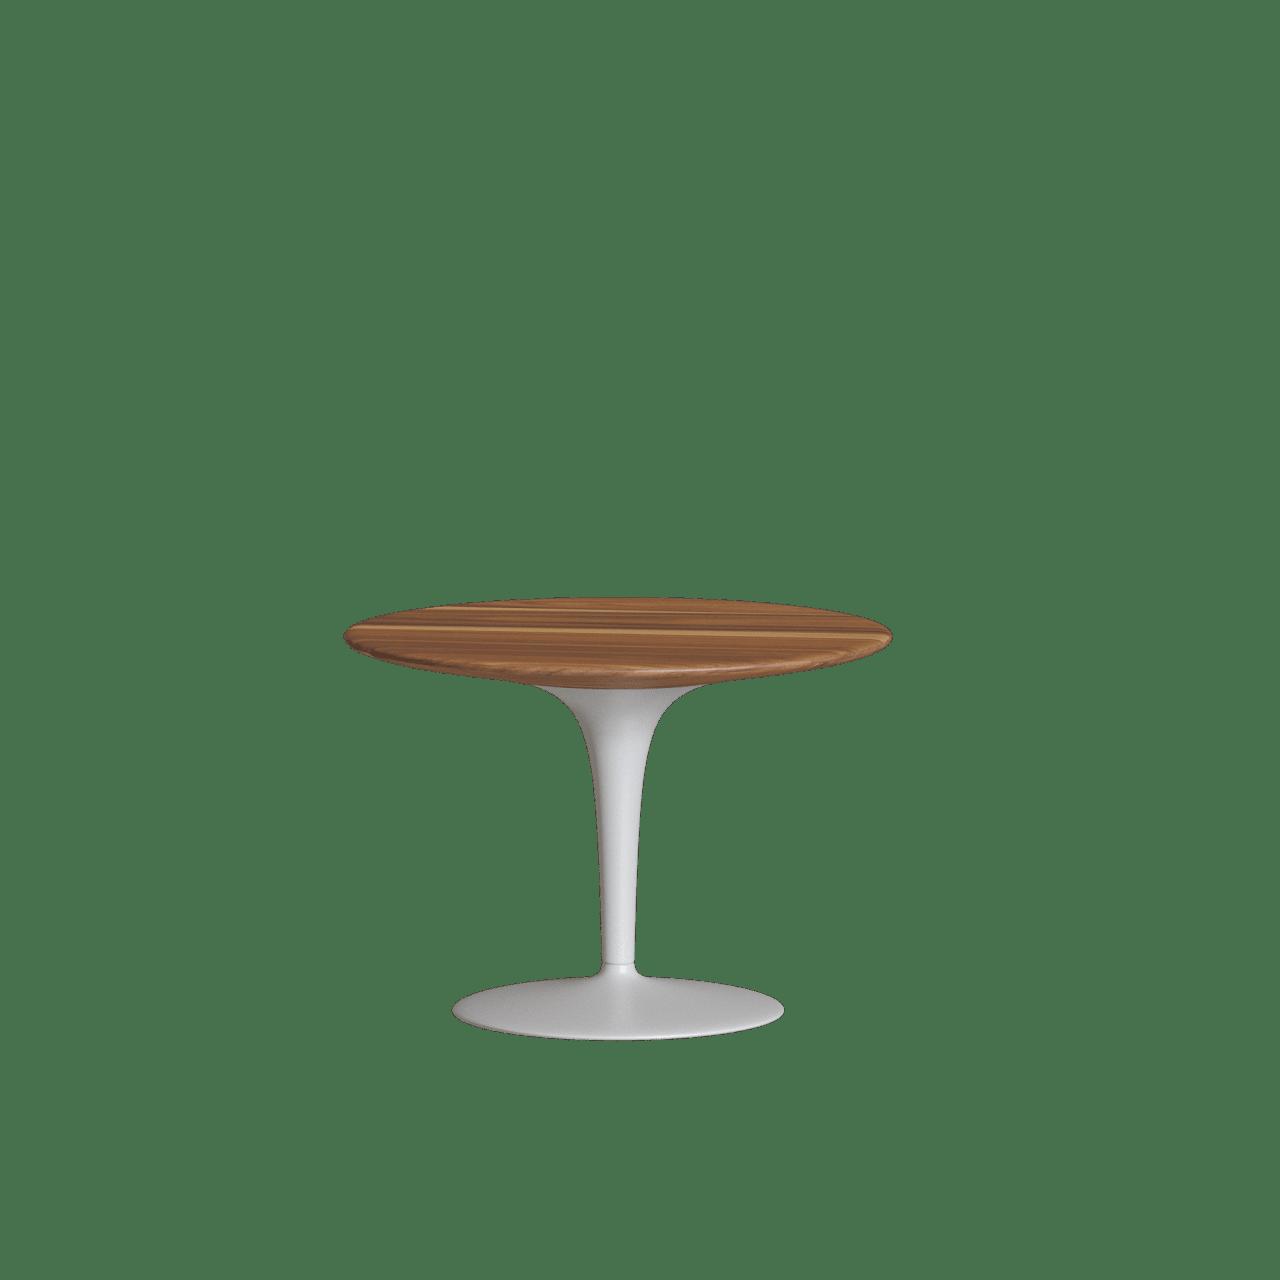 Saarinen Couchtisch rund